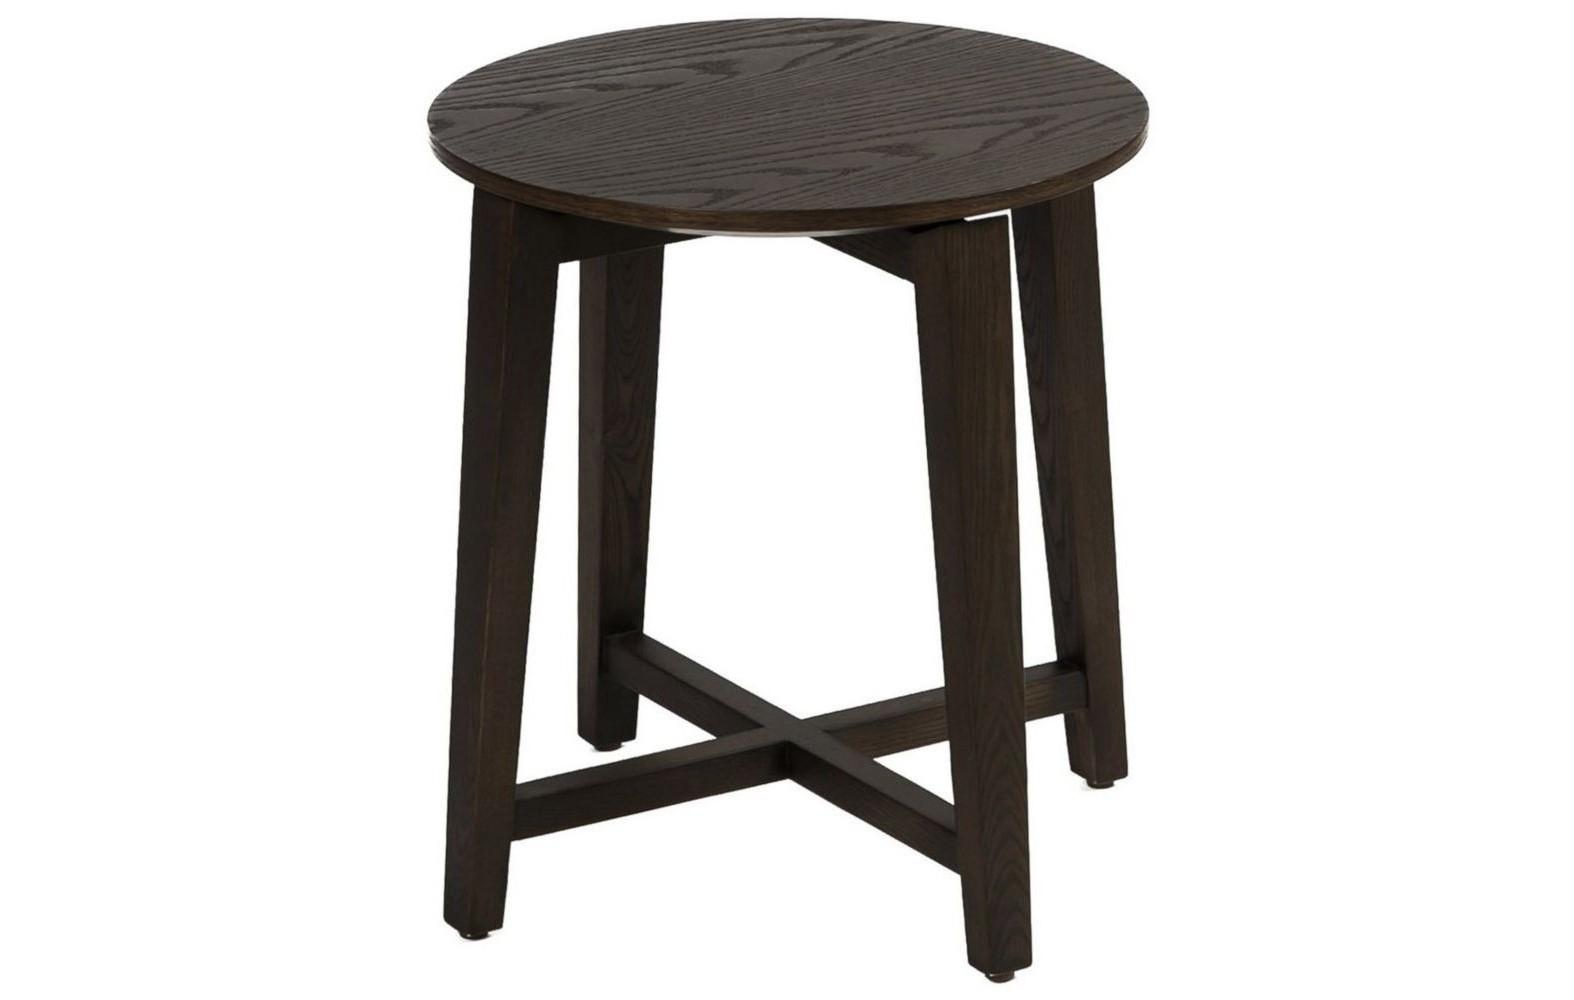 СтолПриставные столики<br>Круглая столешница с сохраненным естественным рисунком дерева, уверенно стоящая на крепких ножках – идеальный стол для строгого мужского интерьера, построенного на четких линиях и неярких оттенках. Впрочем, если в таком  пространстве появляется дама, то ему не избежать разнообразия аксессуаров, что будет вполне уместно в компании этого сдержанного стола.<br><br>Material: Дерево<br>Высота см: 46